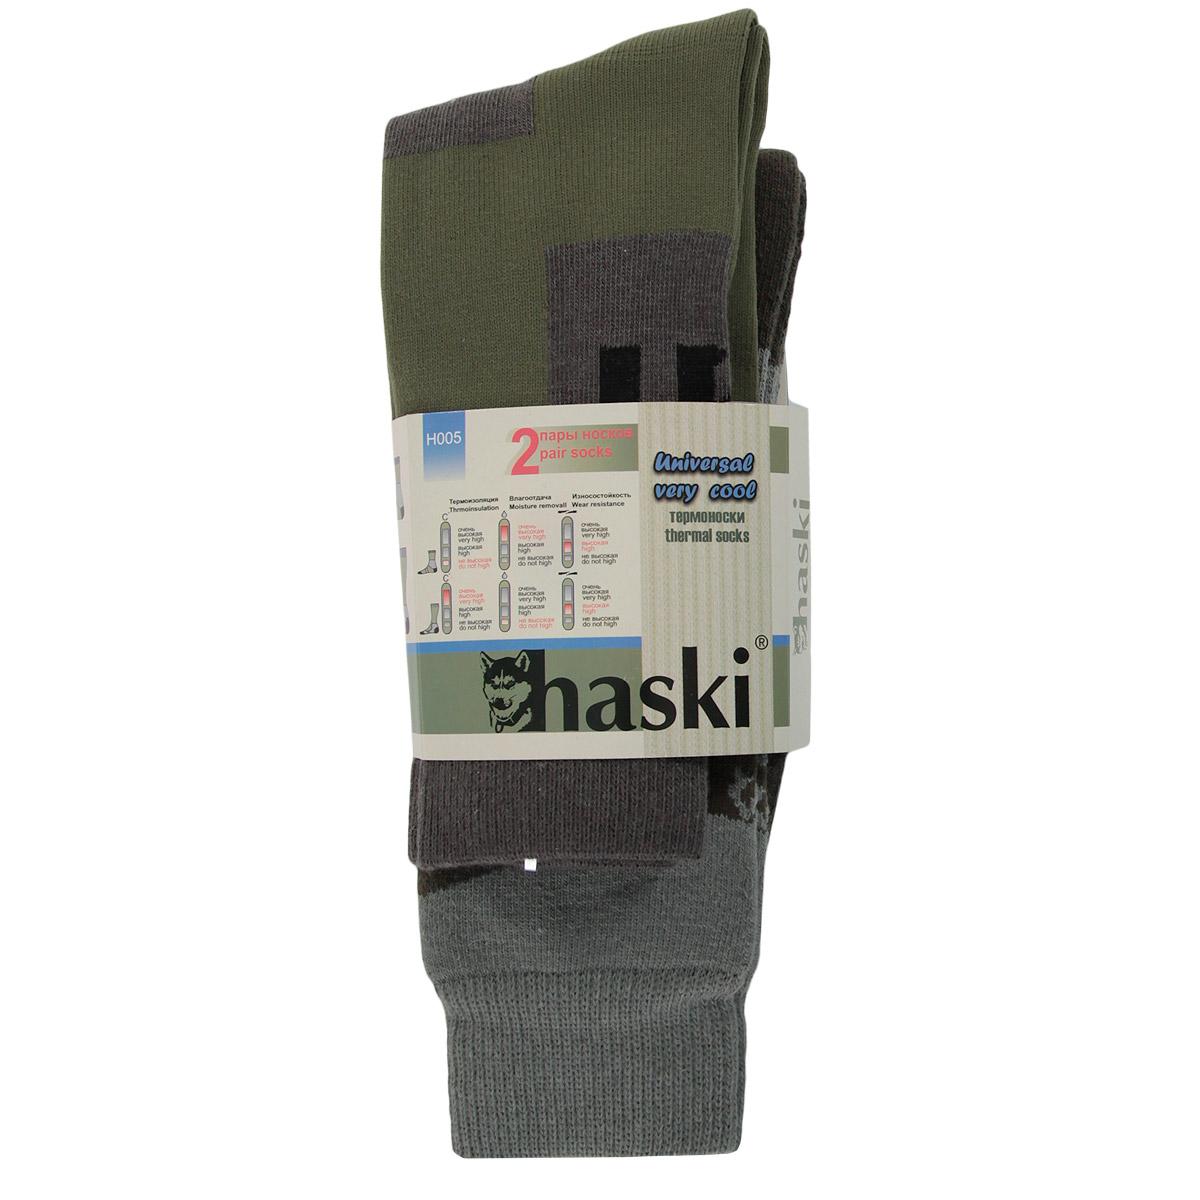 Термоноски мужские Haski, цвет: оливковый, серый, 2 пары. Н005. Размер 38/40Н005Мужские термоноски Haski предназначены для носки длительное время в очень холодную погоду при высокой физической активности. Комплект состоит из двух моделей, одни из которых выполнены из полиамида, итальянской шерсти и лайкры, а другие из полиамида, шерсти мериносов и лайкры.Внутренний носок более тонкого плетения, в котором нога остается сухой при интенсивной ходьбе и беге, благодаря сочетанию высокотехнологичных влагоотводящих материалов.Внешний носок более толстого плетения сохраняет тепло, многозональная структура носка позволяет рационально распределять различные виды нитей для обеспечения максимального комфорта.Благодаря сочетанию двух моделей комплект функционален и удобен.